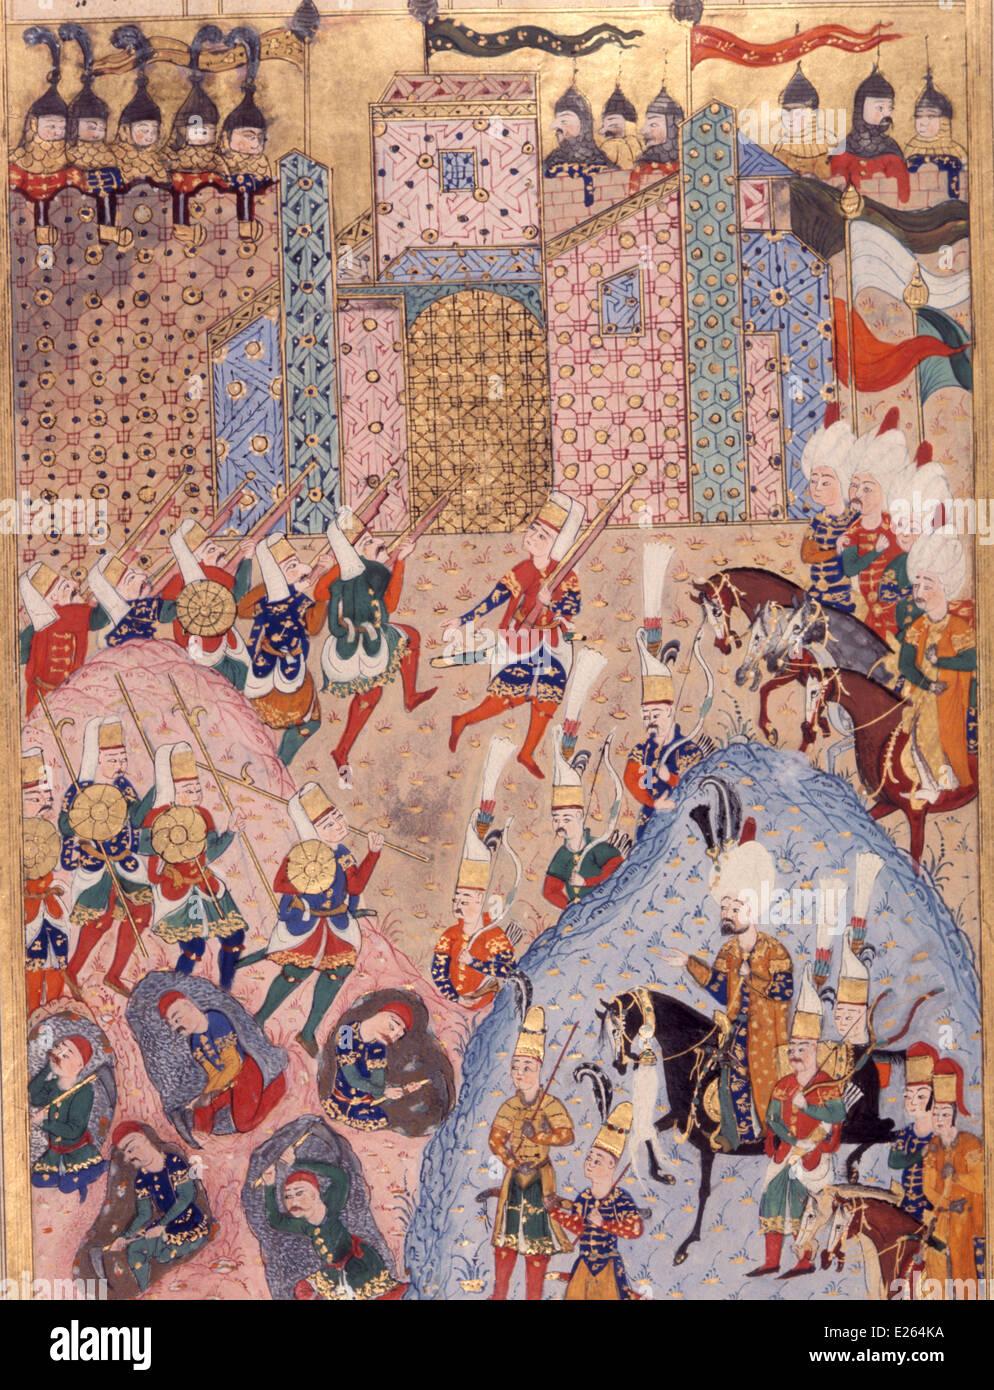 Historia otomano, Solimán el Magnífico asalto una ciudad miniatura,del siglo XVI,Estambul,topkapi Imagen De Stock